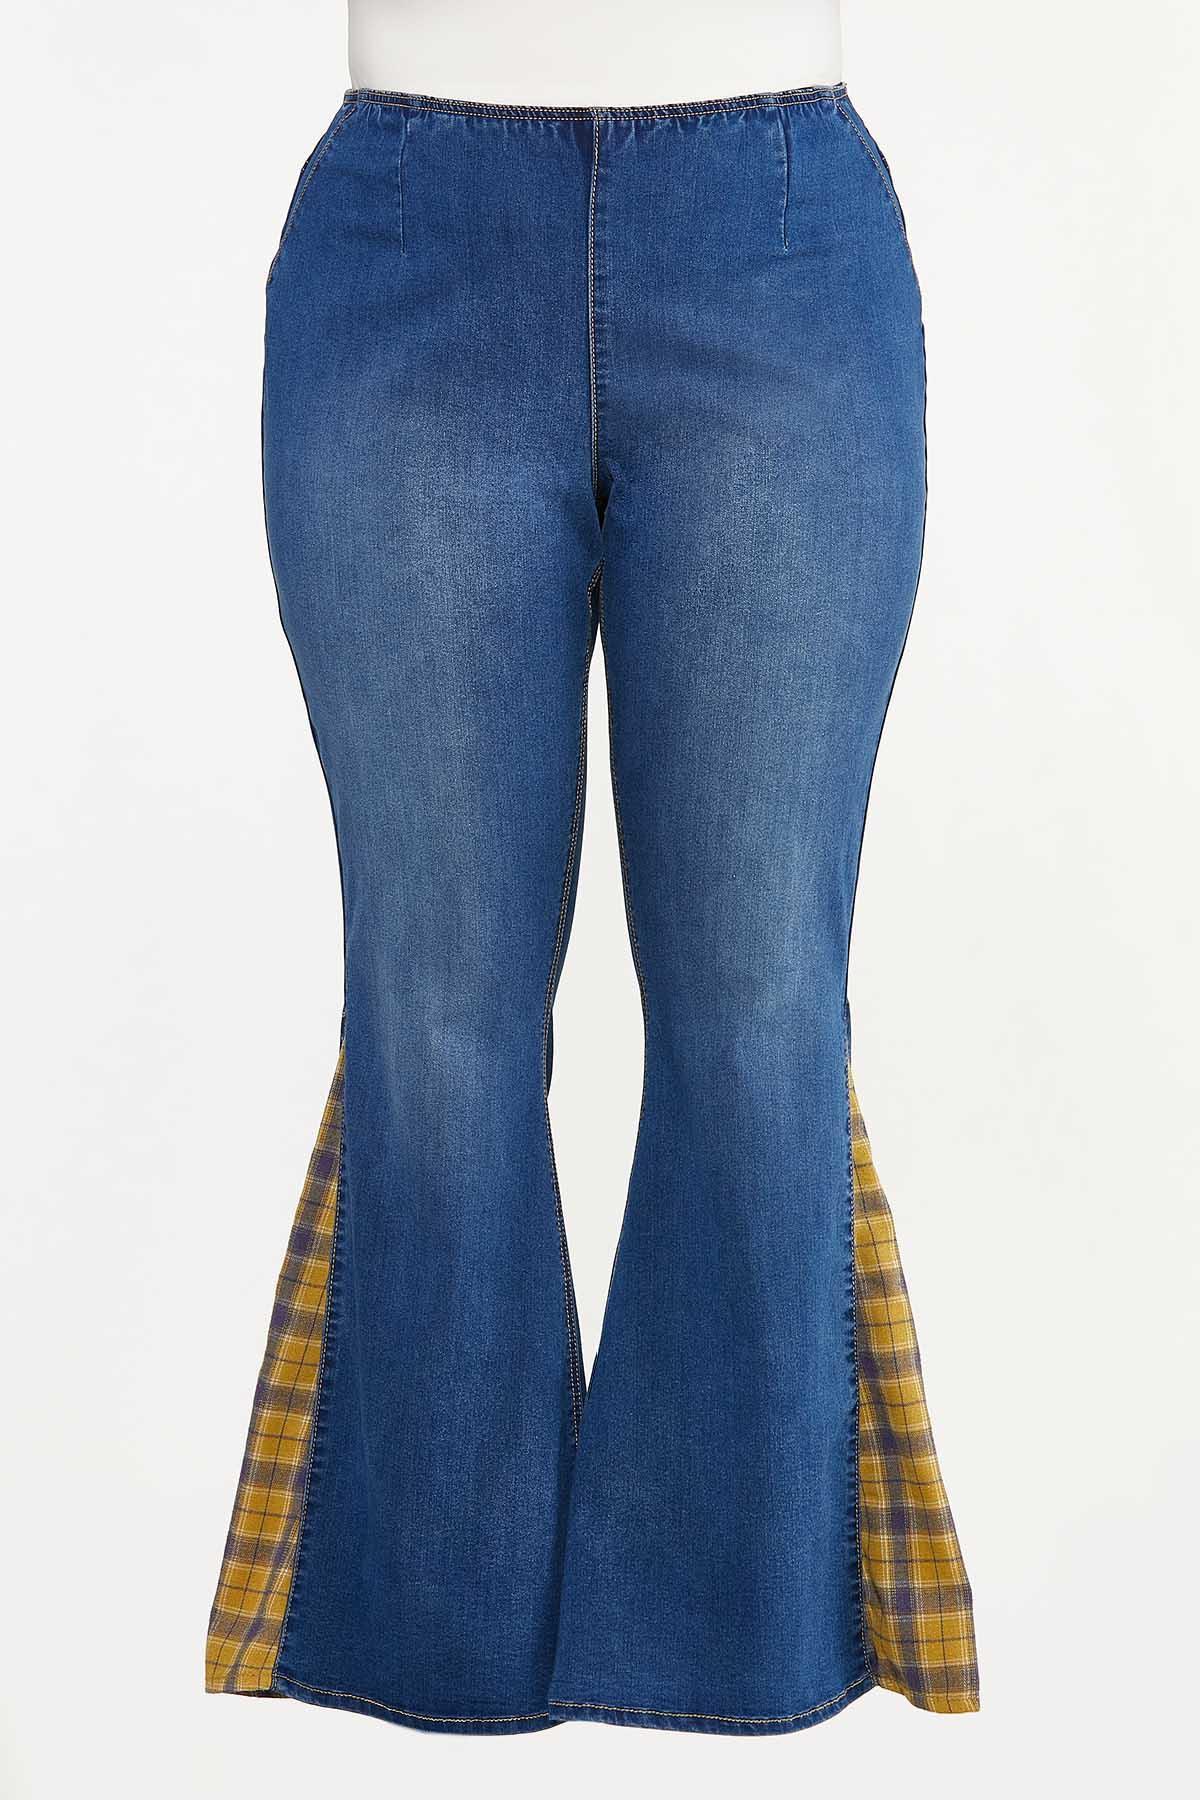 Plus Size Plaid Inset Flare Jeans